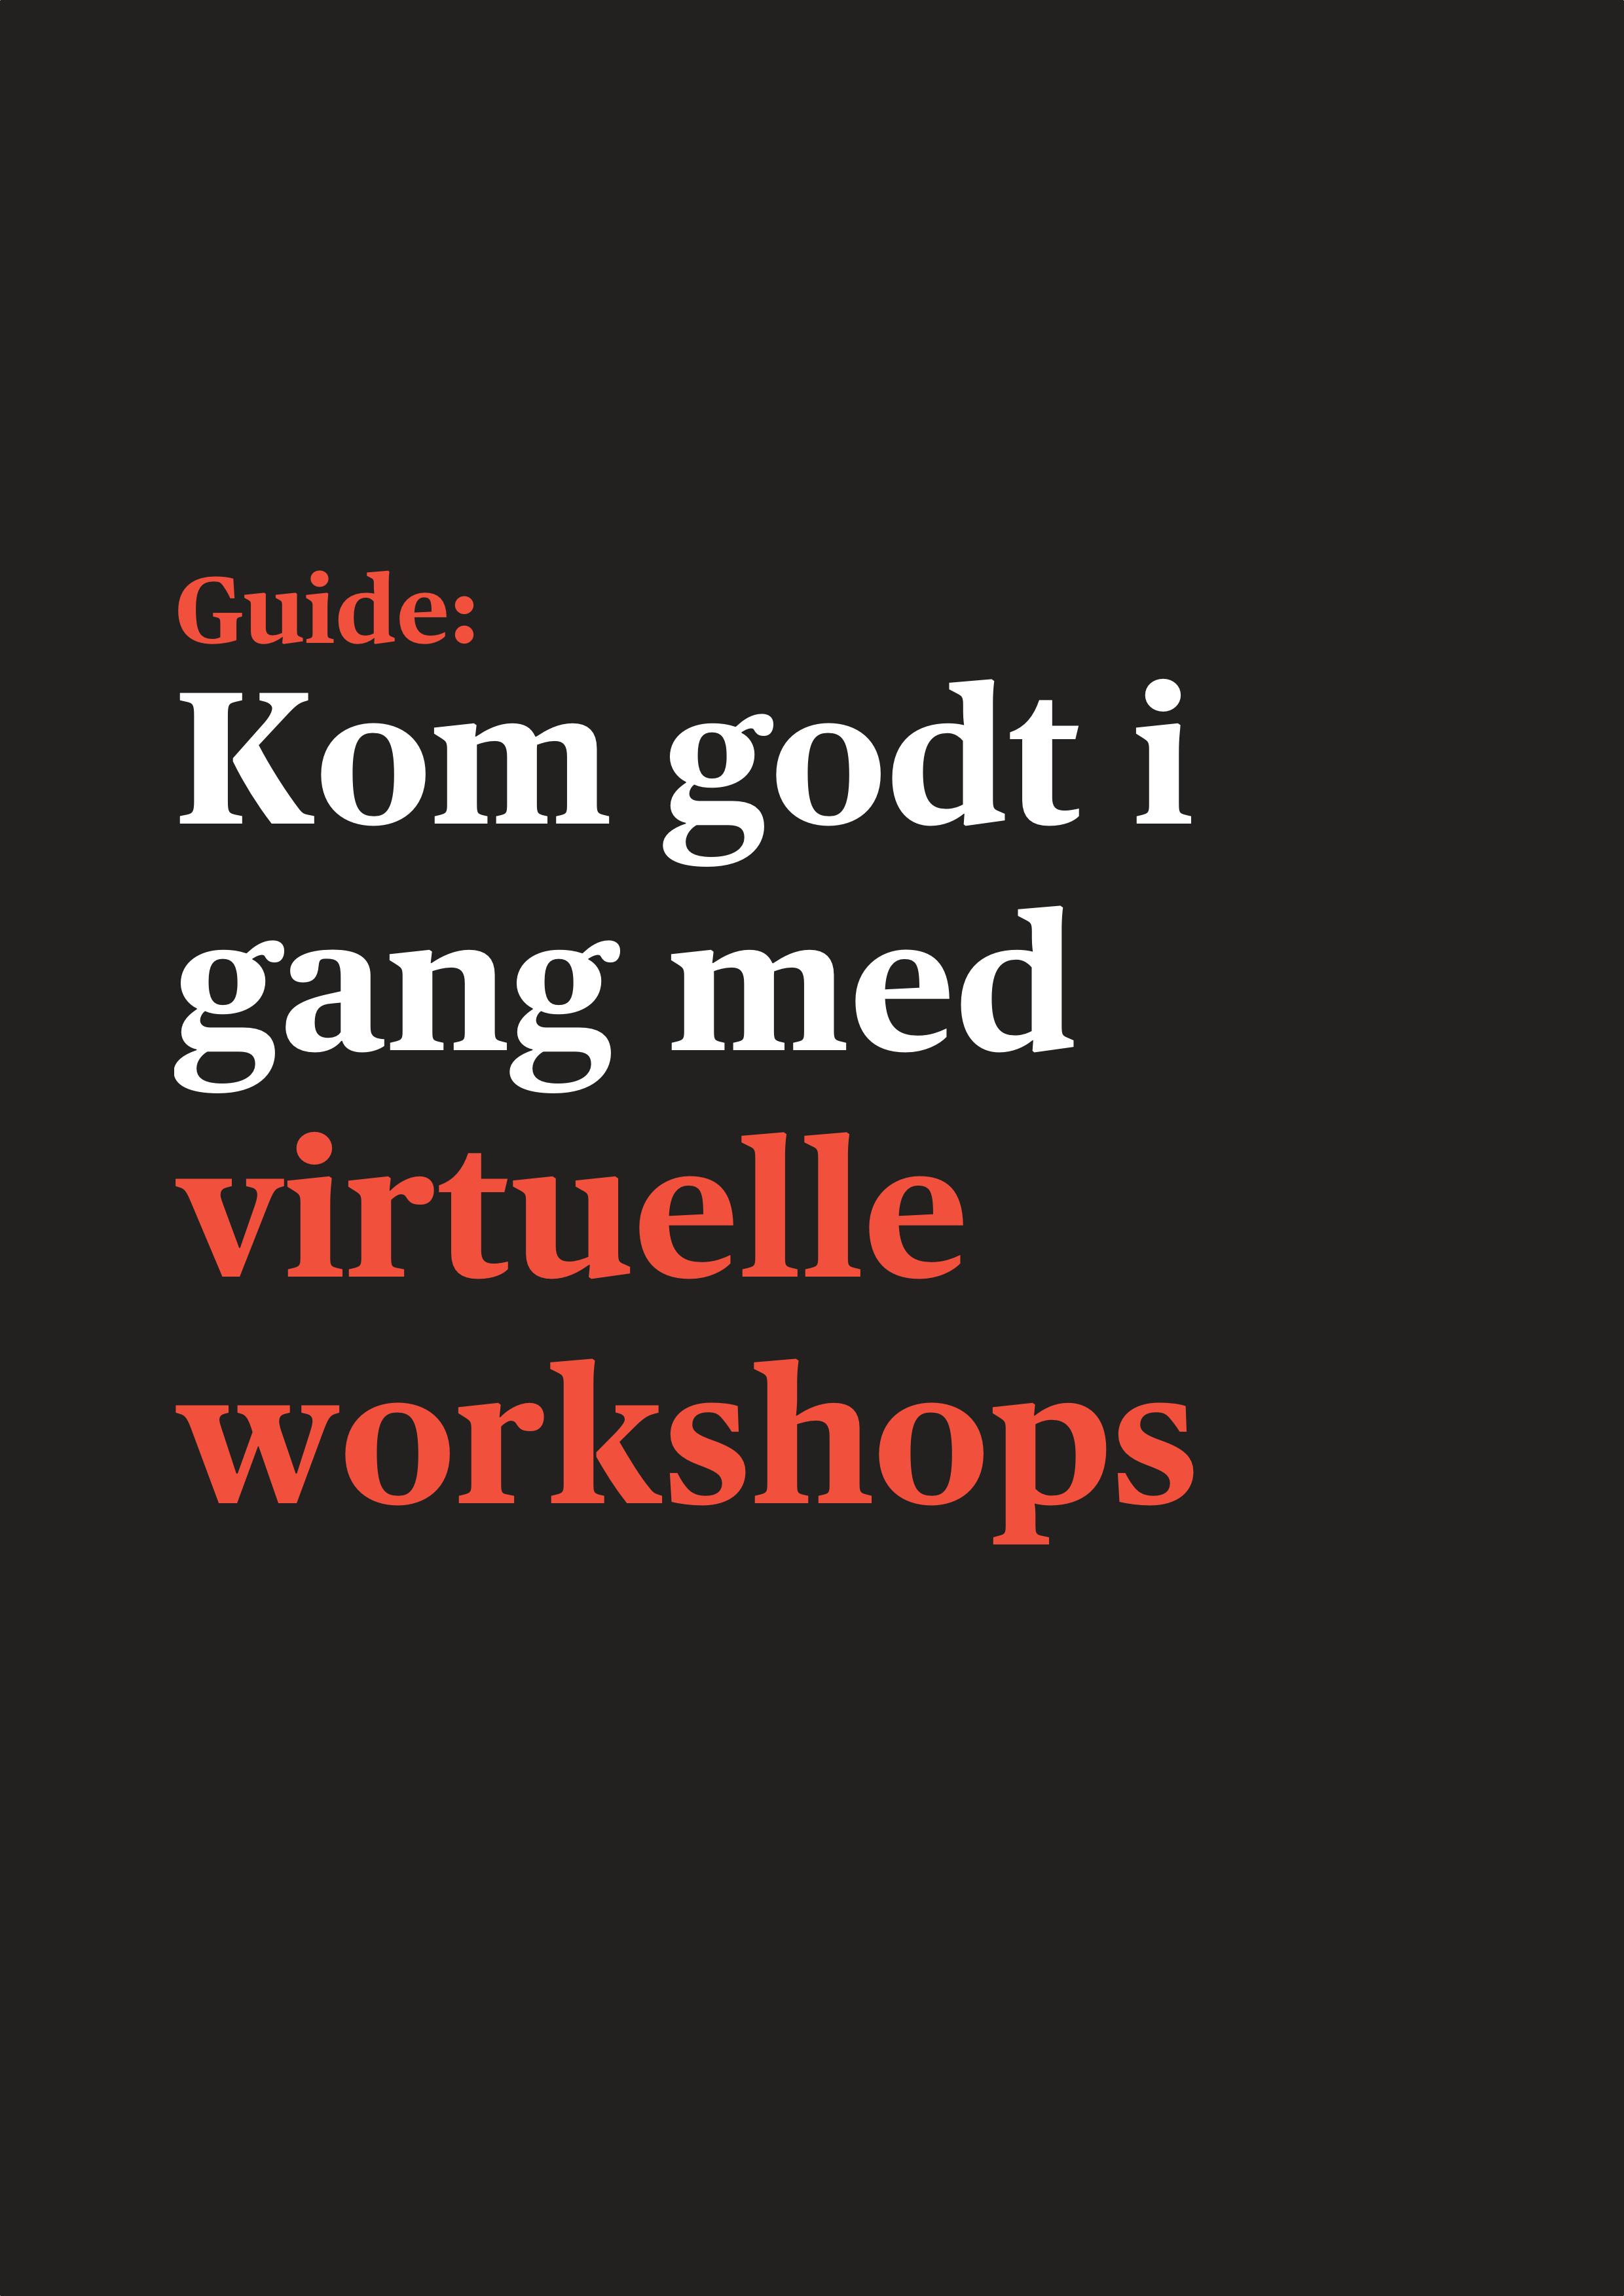 Virtuelle workshops forside